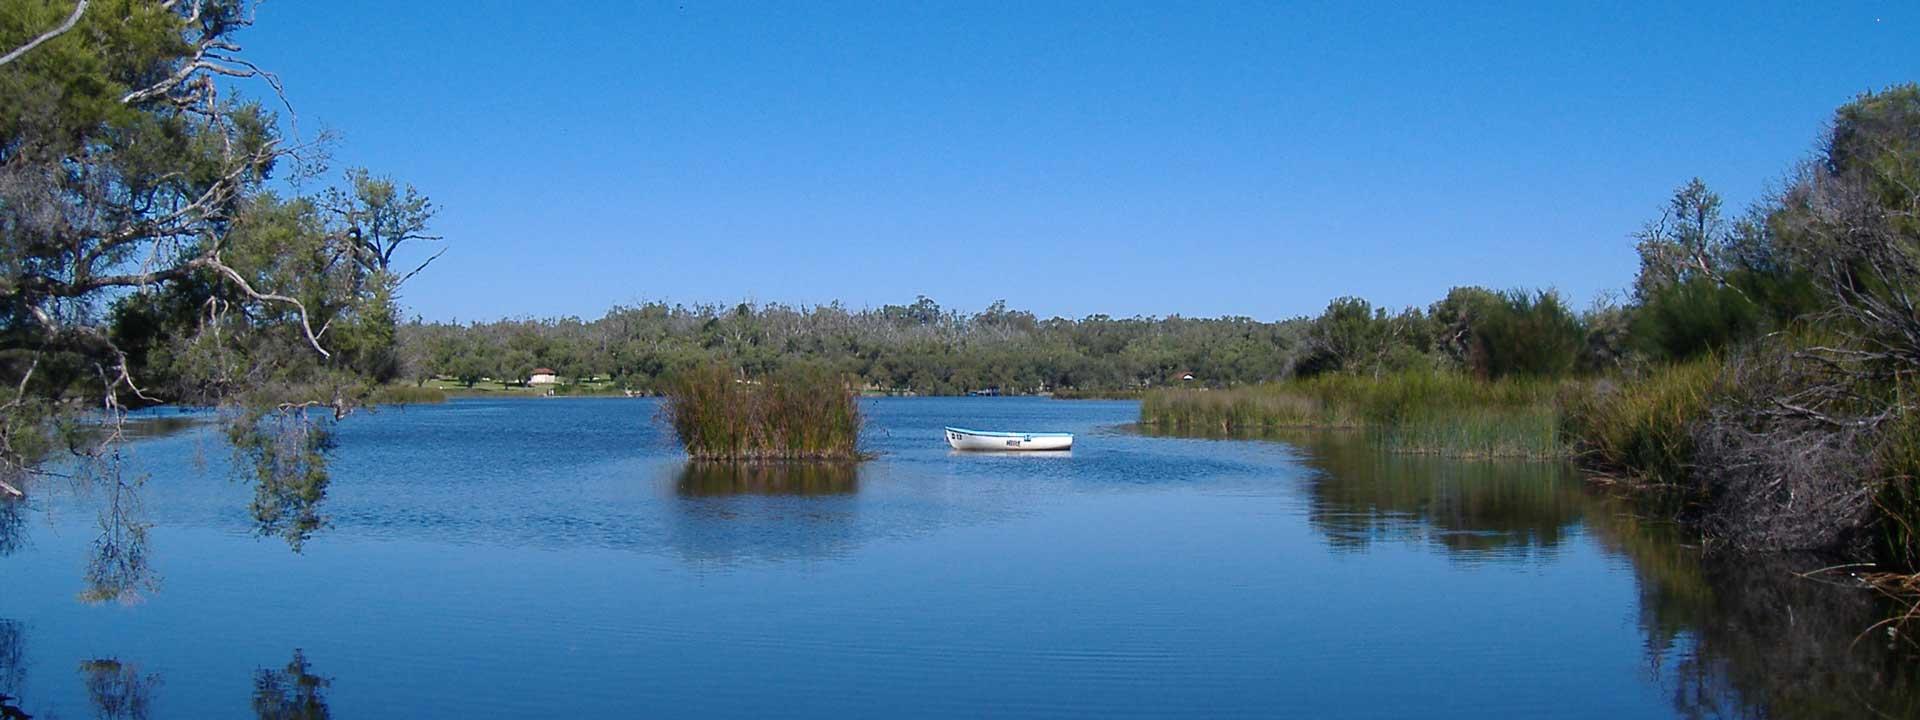 Yanchep National Park encompasses different beautiful landscapes